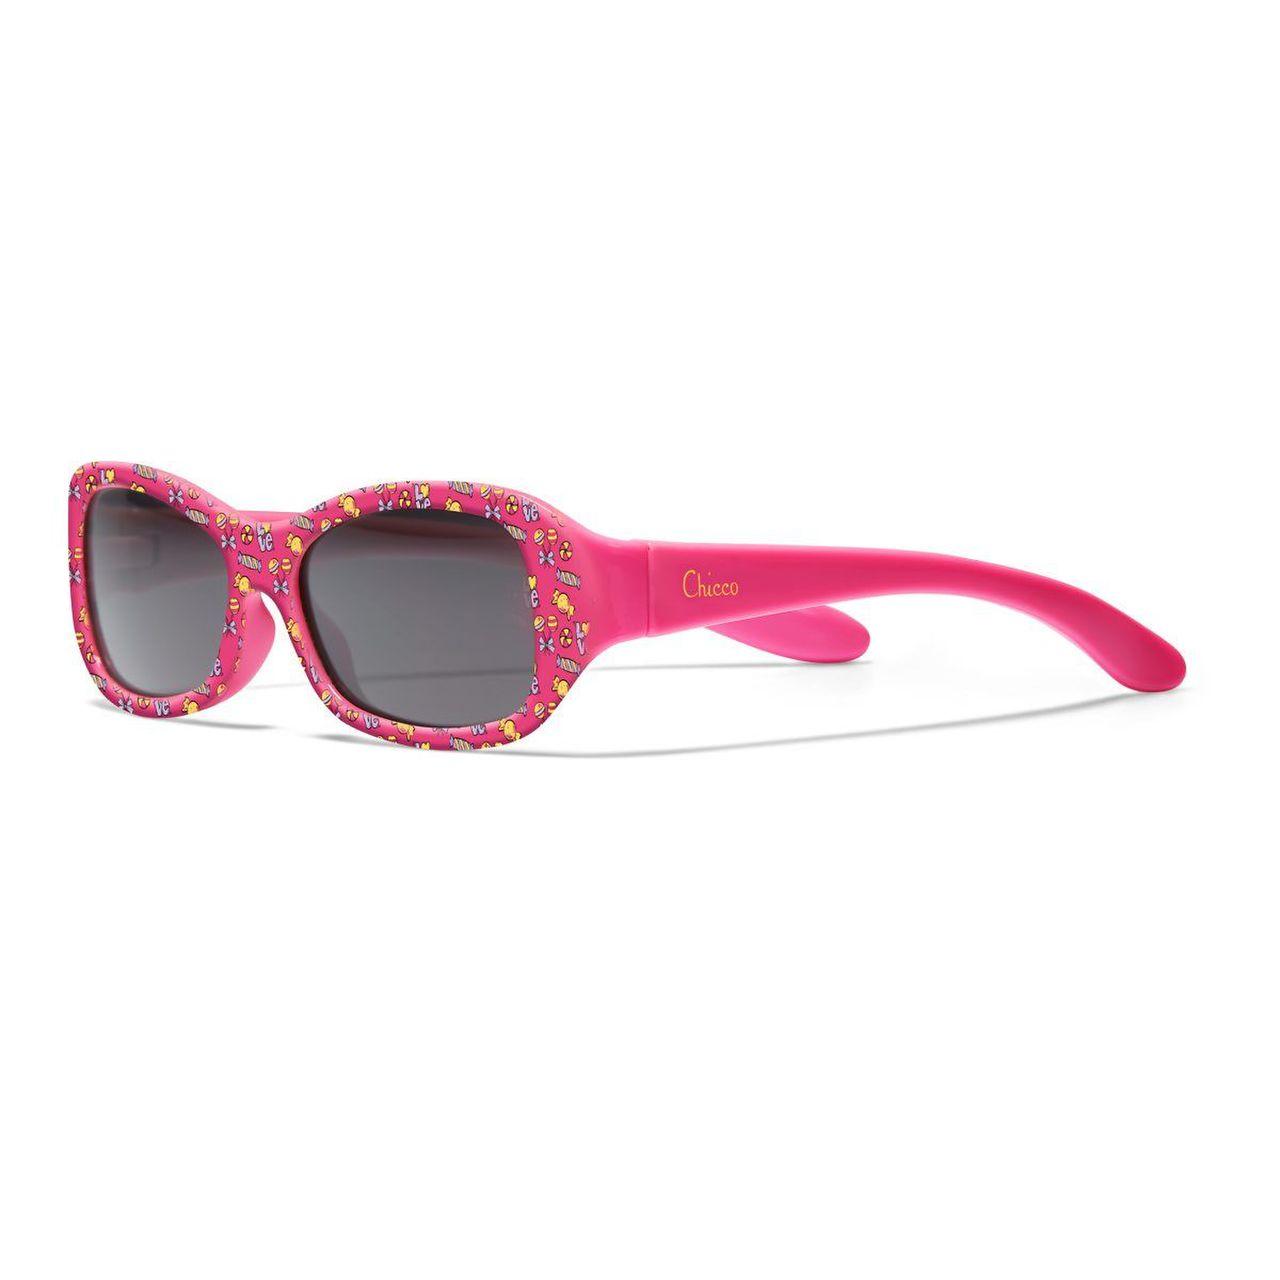 CHICCO Okuliare slnečné dievča ružové 12m+